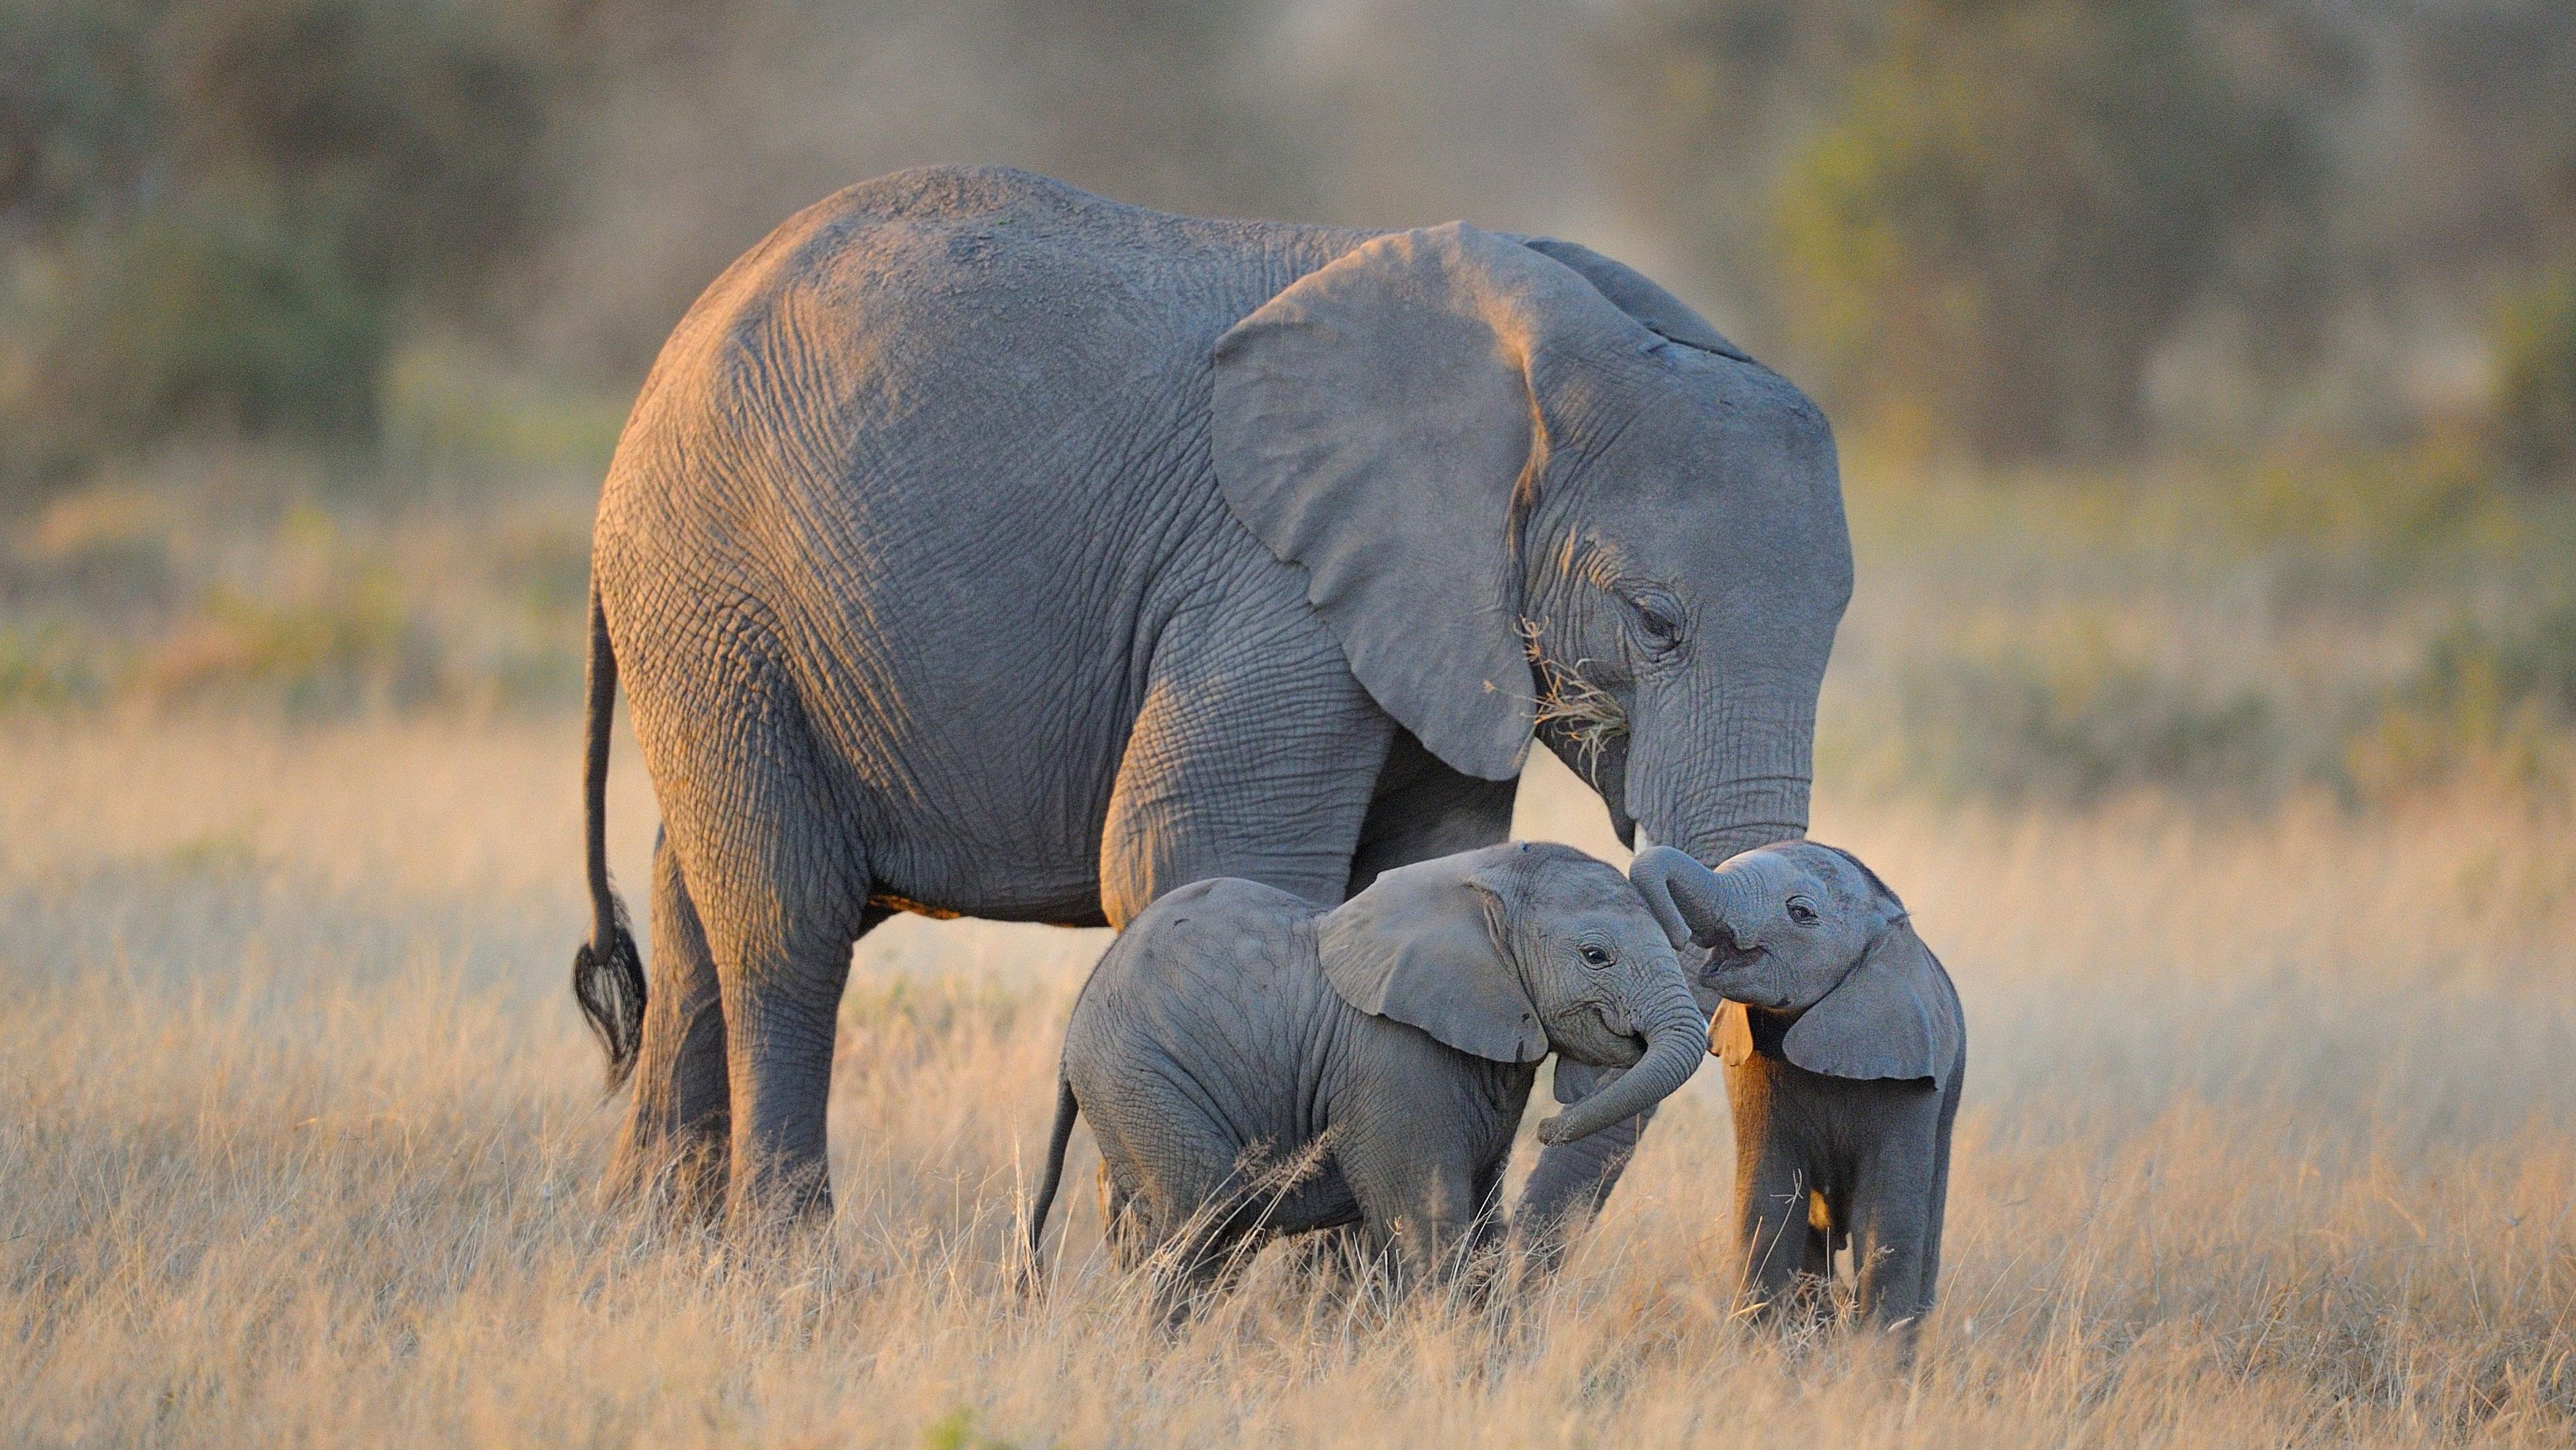 Two elephant twins with adult elephant, Amboseli National Park, Kenya